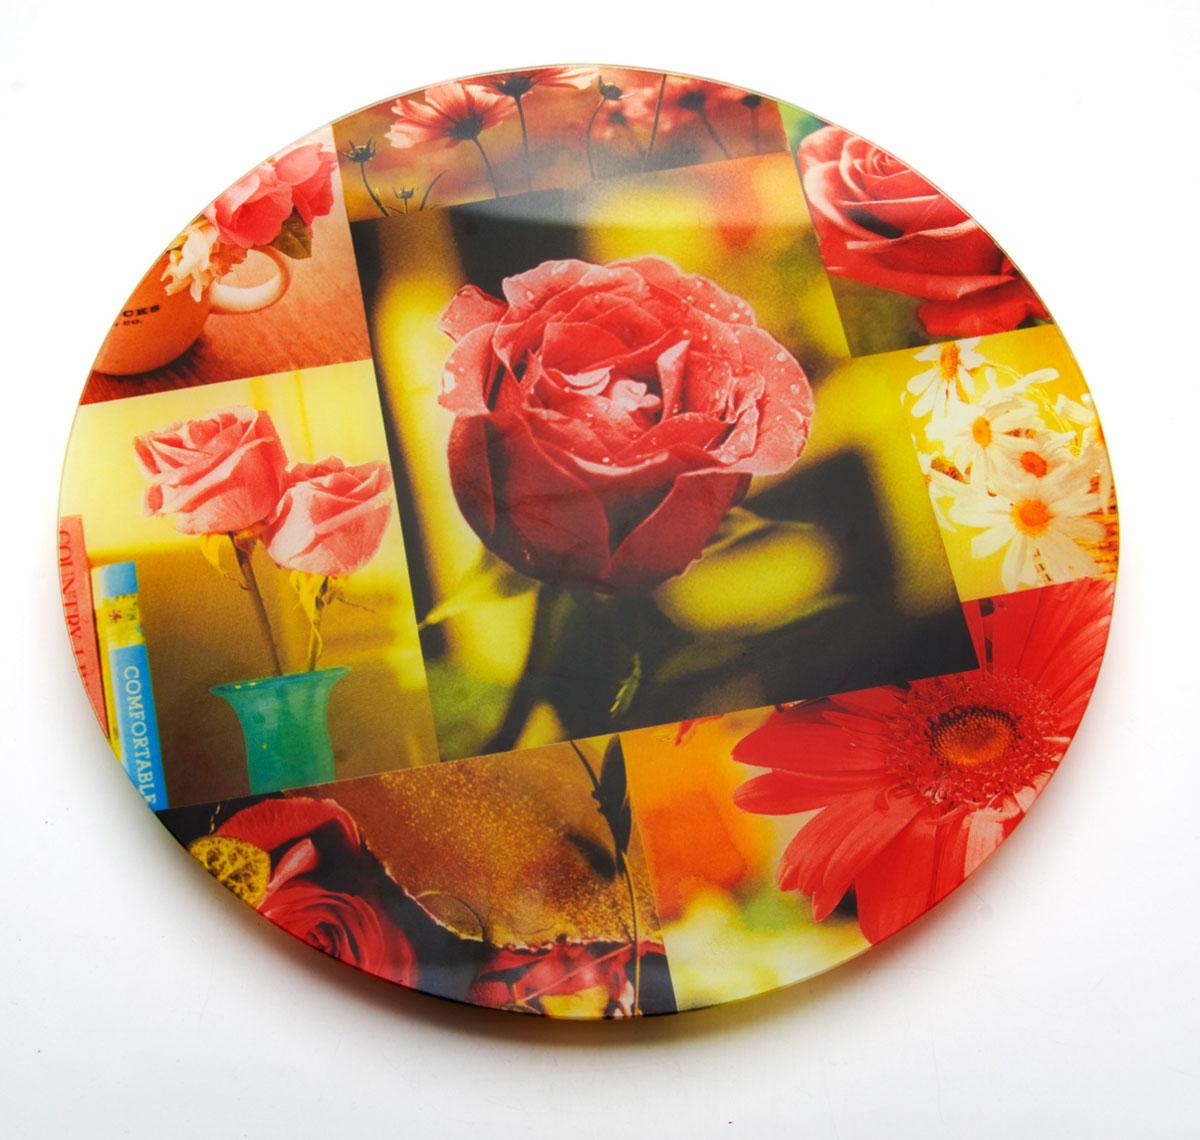 Тортовница вращающаяся Loraine, 35 см23923Тортовница Loraine изготовлена из стекла и оформлена изображением ярких роз. Тортовница снабжена вращающейся системой и удобной устойчивой ножкой. Вы можете использовать эту посуду для красивой подачи торта, пирога, фруктов. Тортовница Loraine украсит любой стол и идеально подойдет для праздничной сервировки.